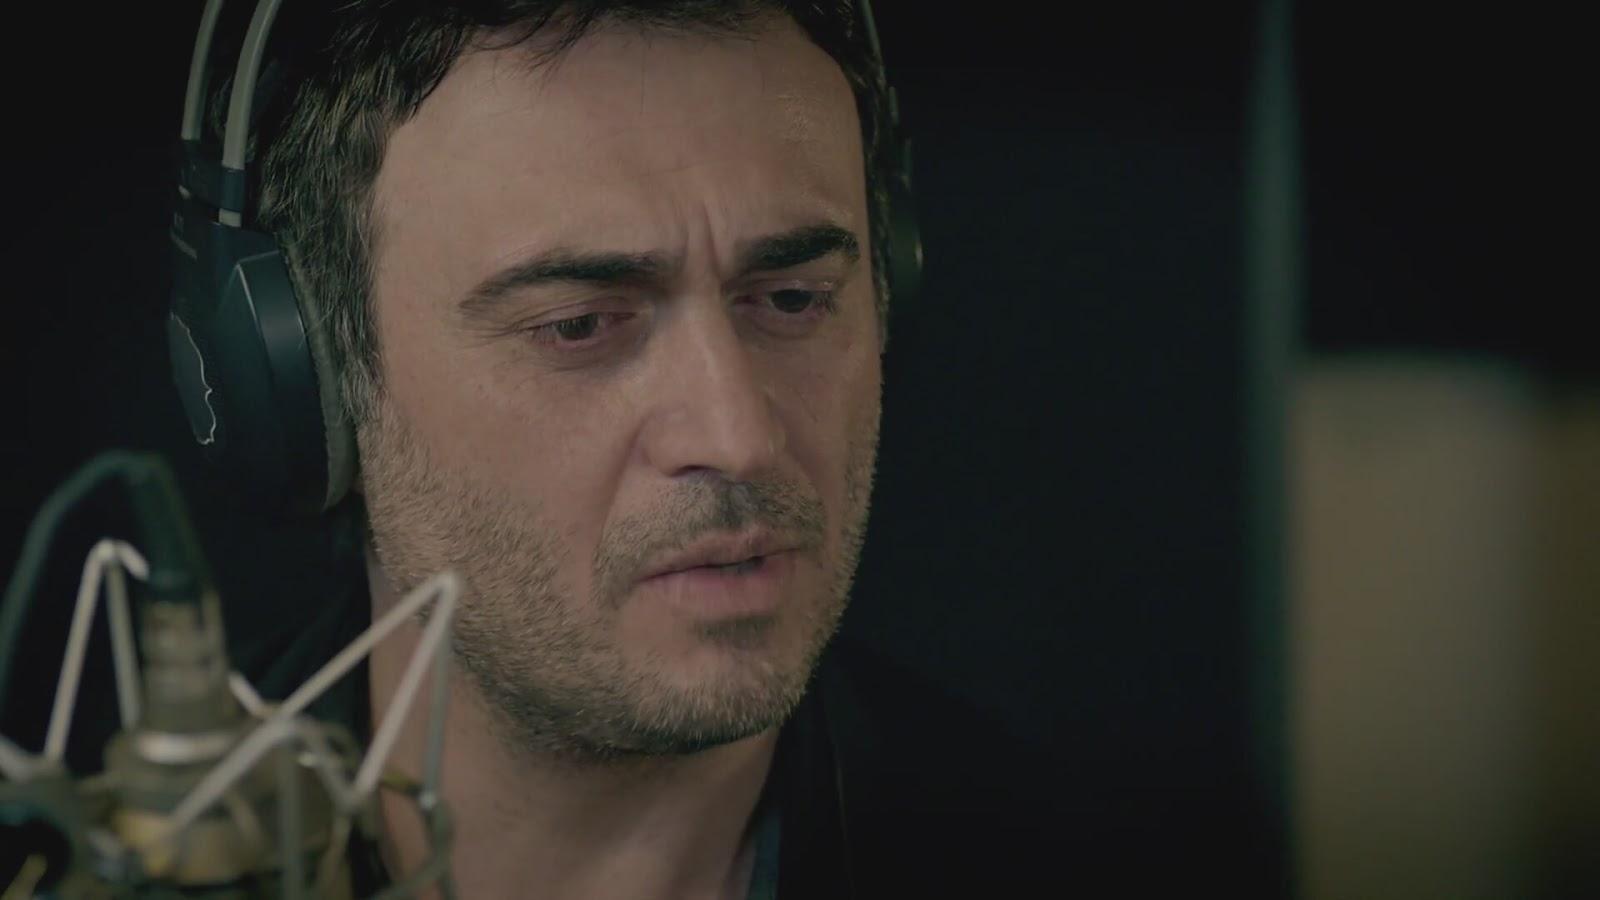 Kutsi Meral Kendir Söz Konusu Aşk Kırgın çiçekler Soundtrack